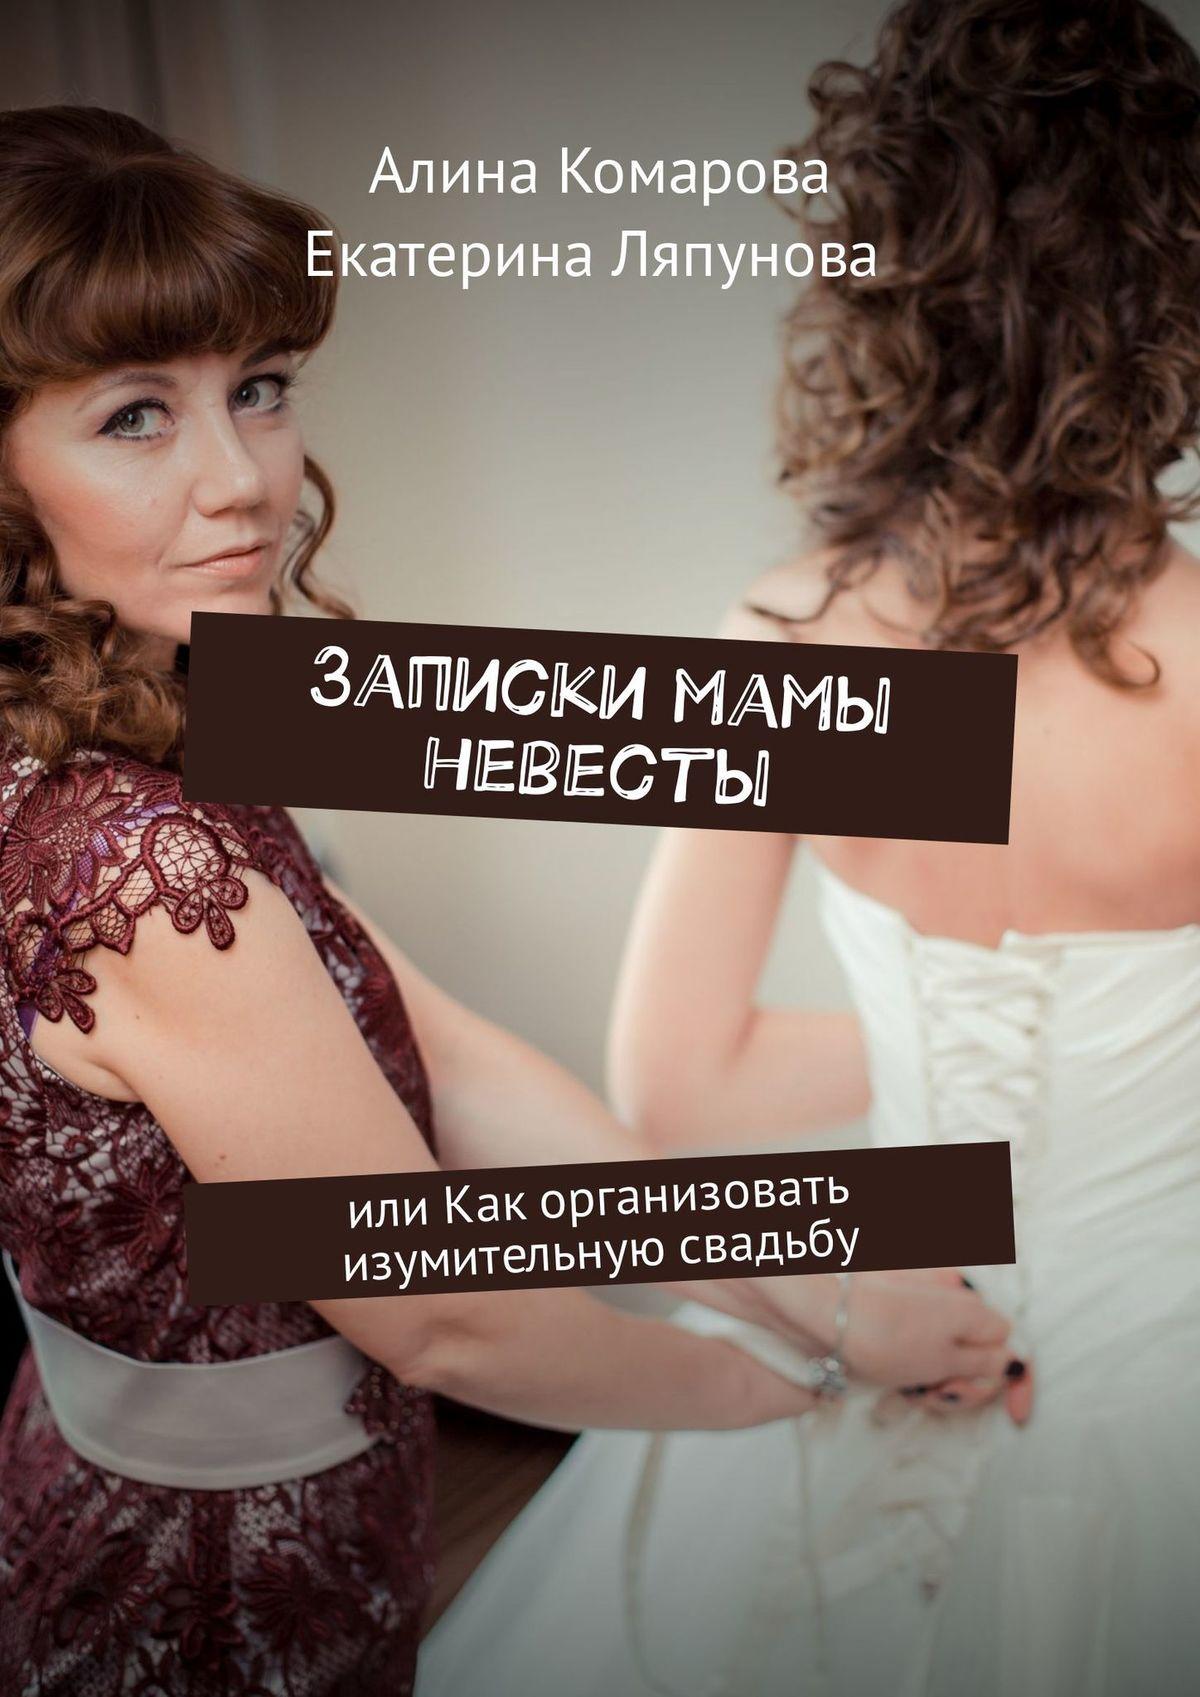 Алина Комарова Записки мамы невесты. Или как организовать изумительную свадьбу